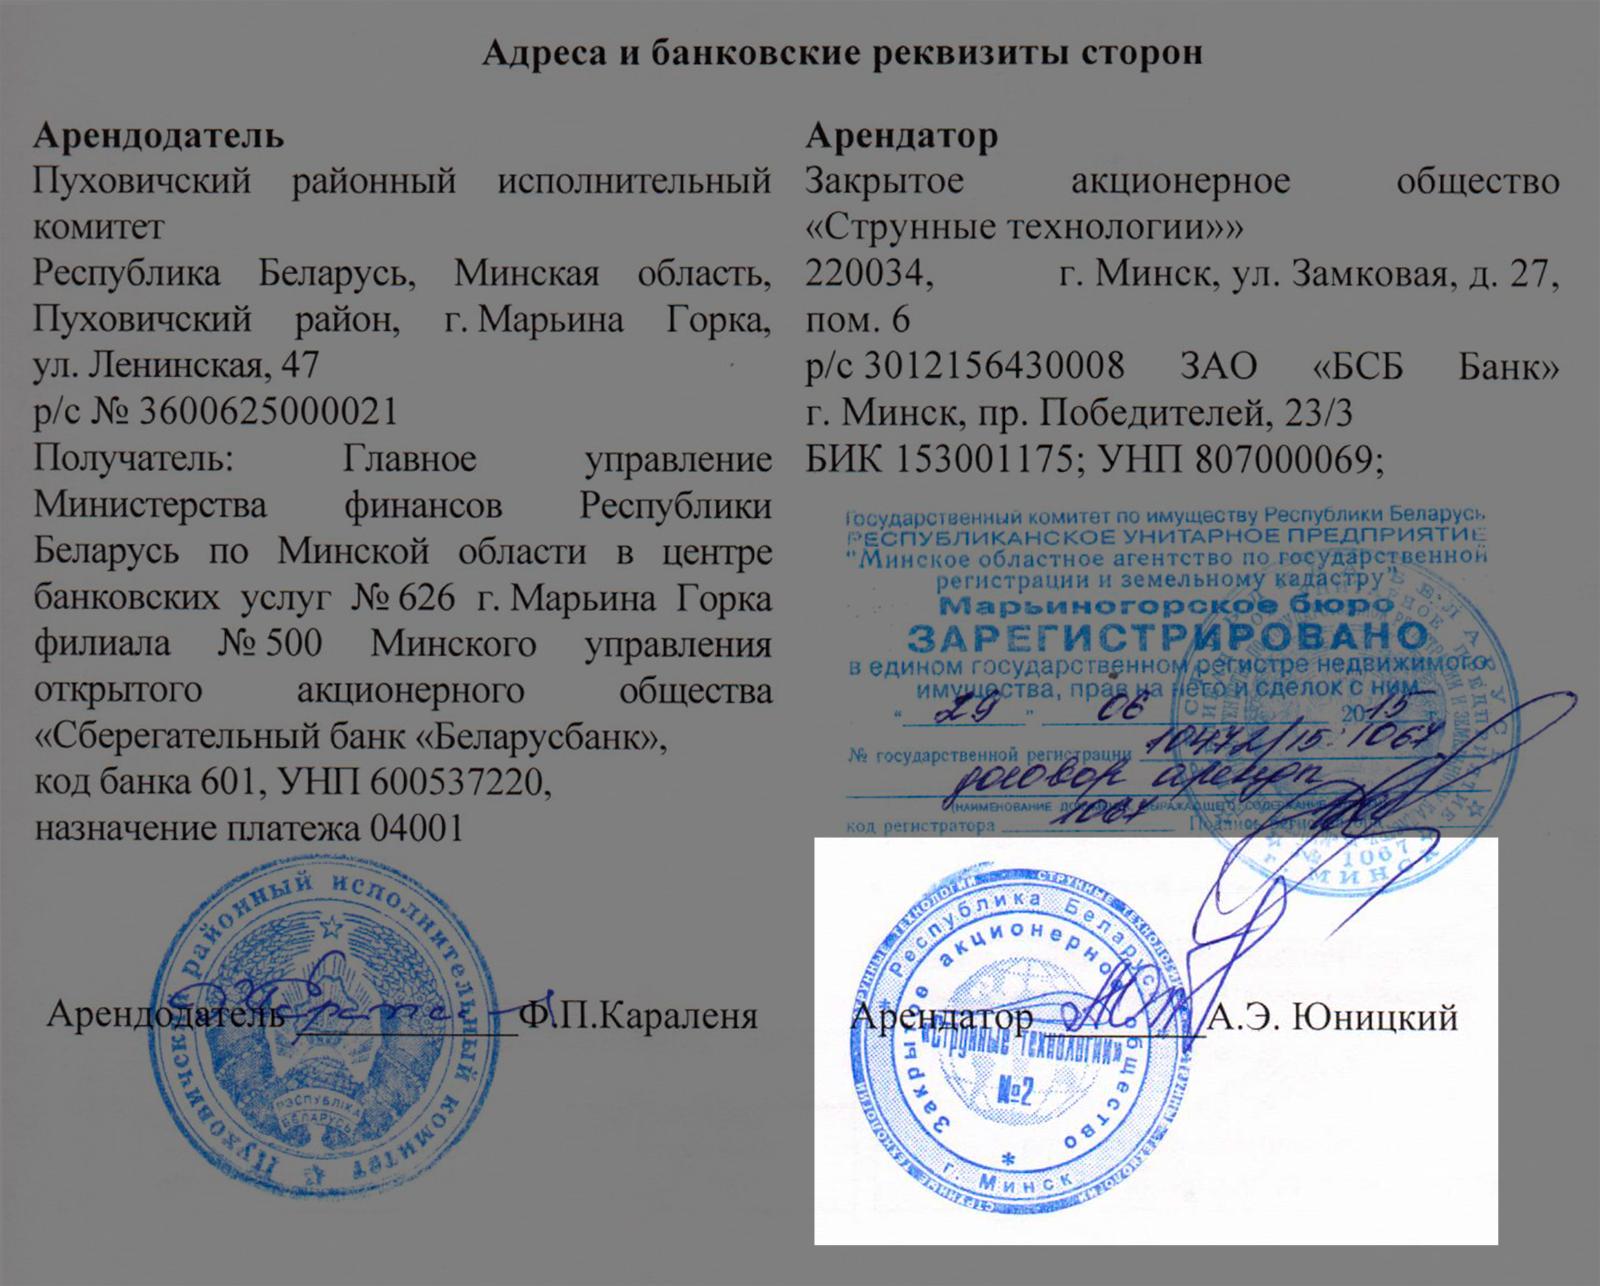 Договор аренды подписал Юницкий, а компания зарегистрирована на Косареву. Так кто на самом деле руководит ЗАО «Струнные технологии»?